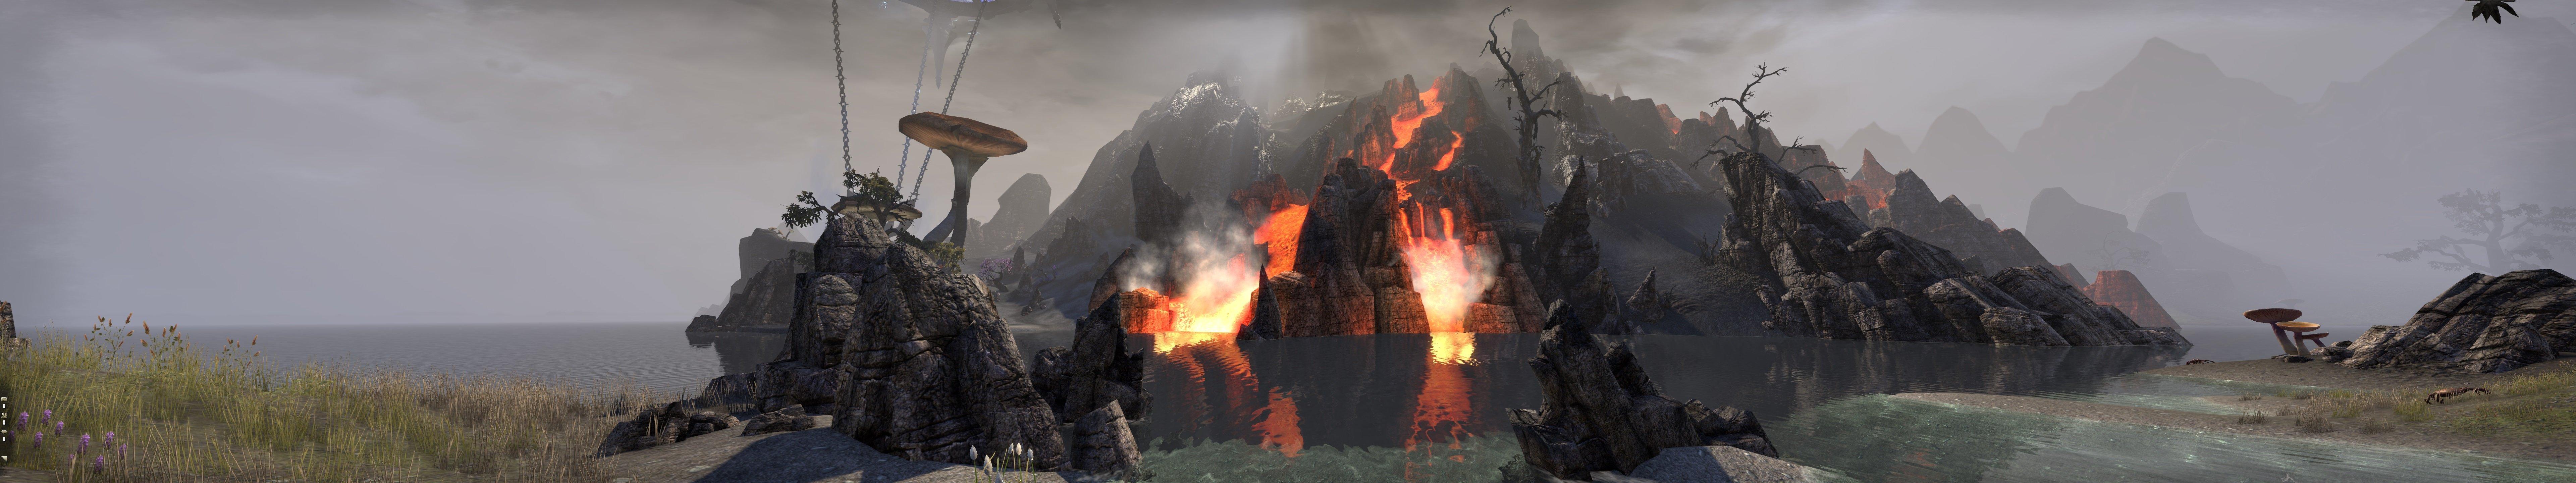 Пачка скриншотов из The Elder Scrolls Online на максимальных настройках в разрешении 7680x1440 - Изображение 7